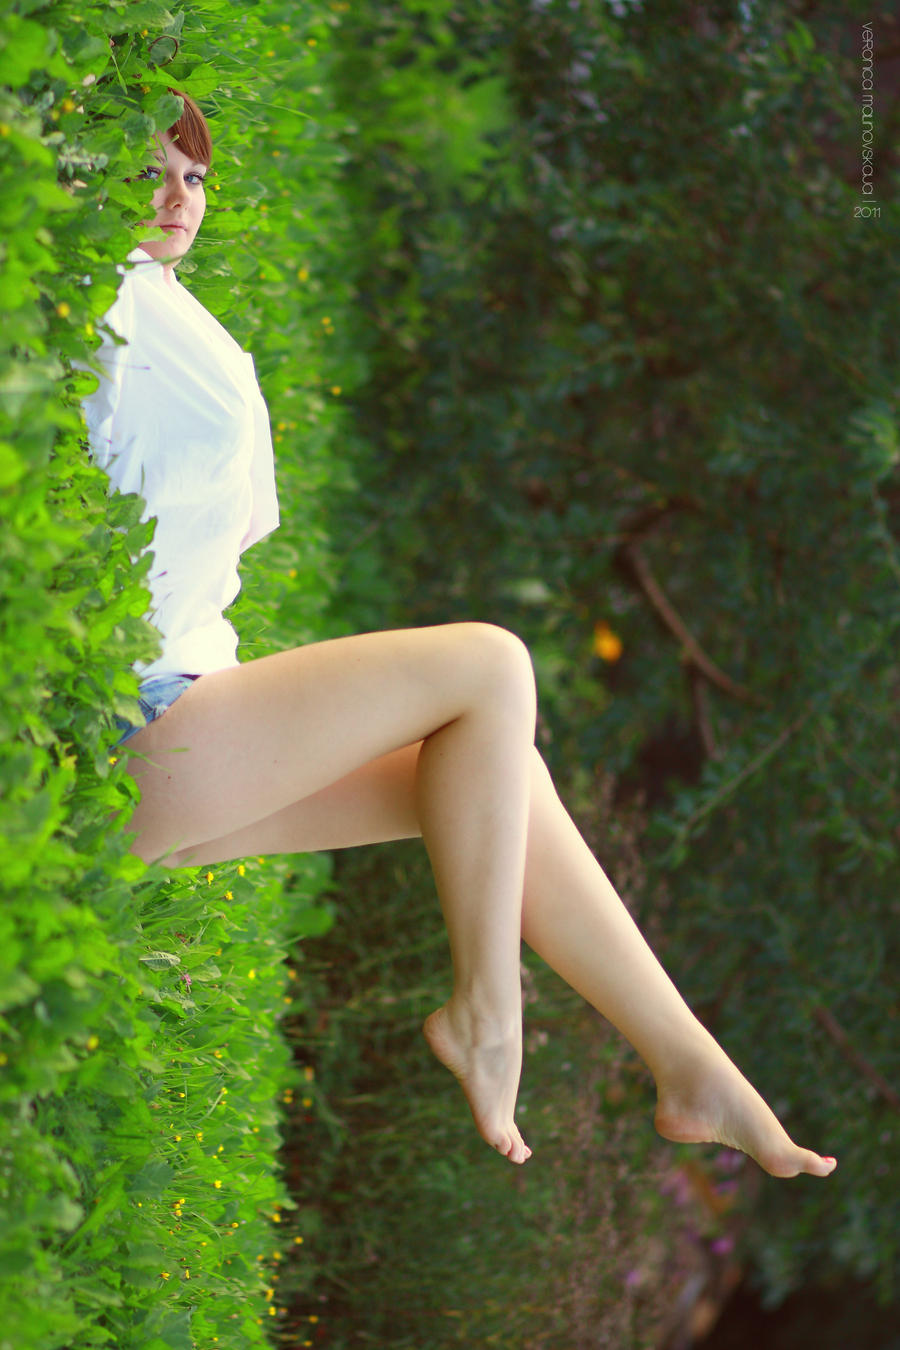 legs by Malinovskaja